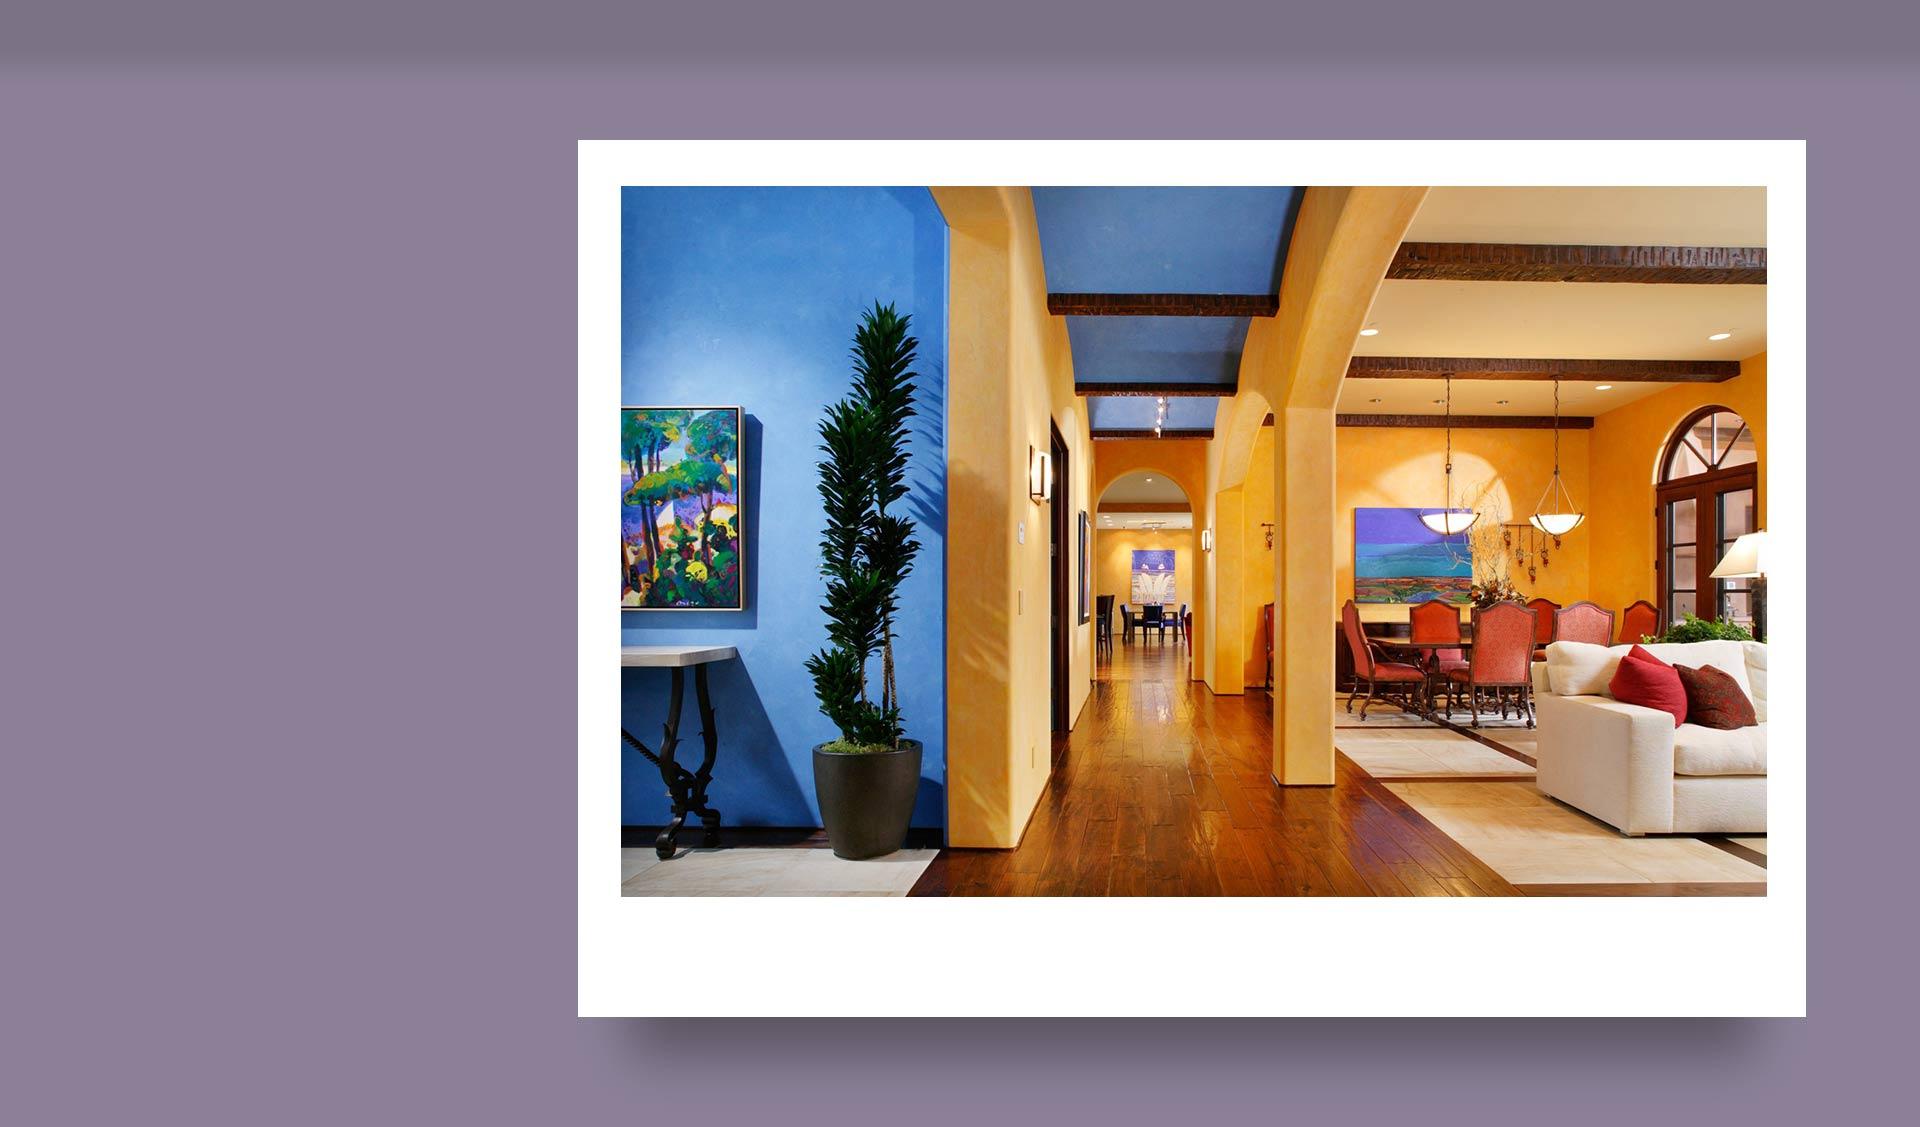 Create contrast using color - اهمیت کنتراست در طراحی داخلی ( و نحوه ی استفاده ی صحیح از آن)